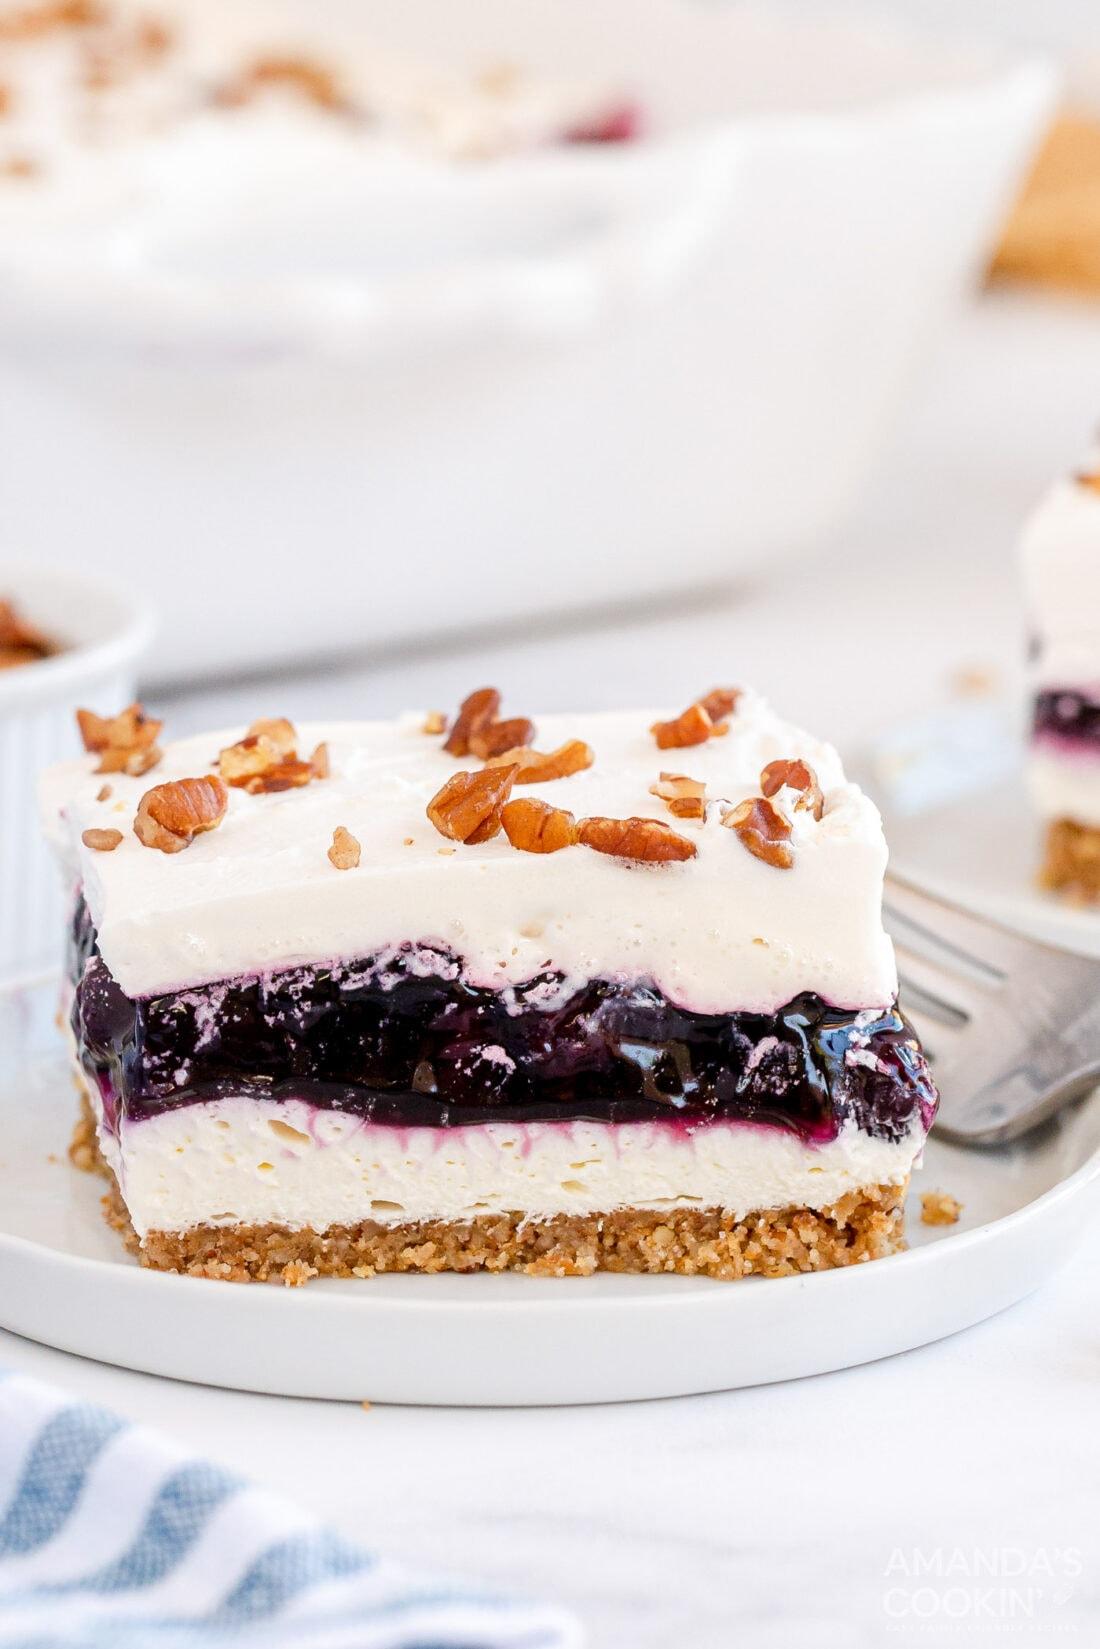 slice of blueberry lush